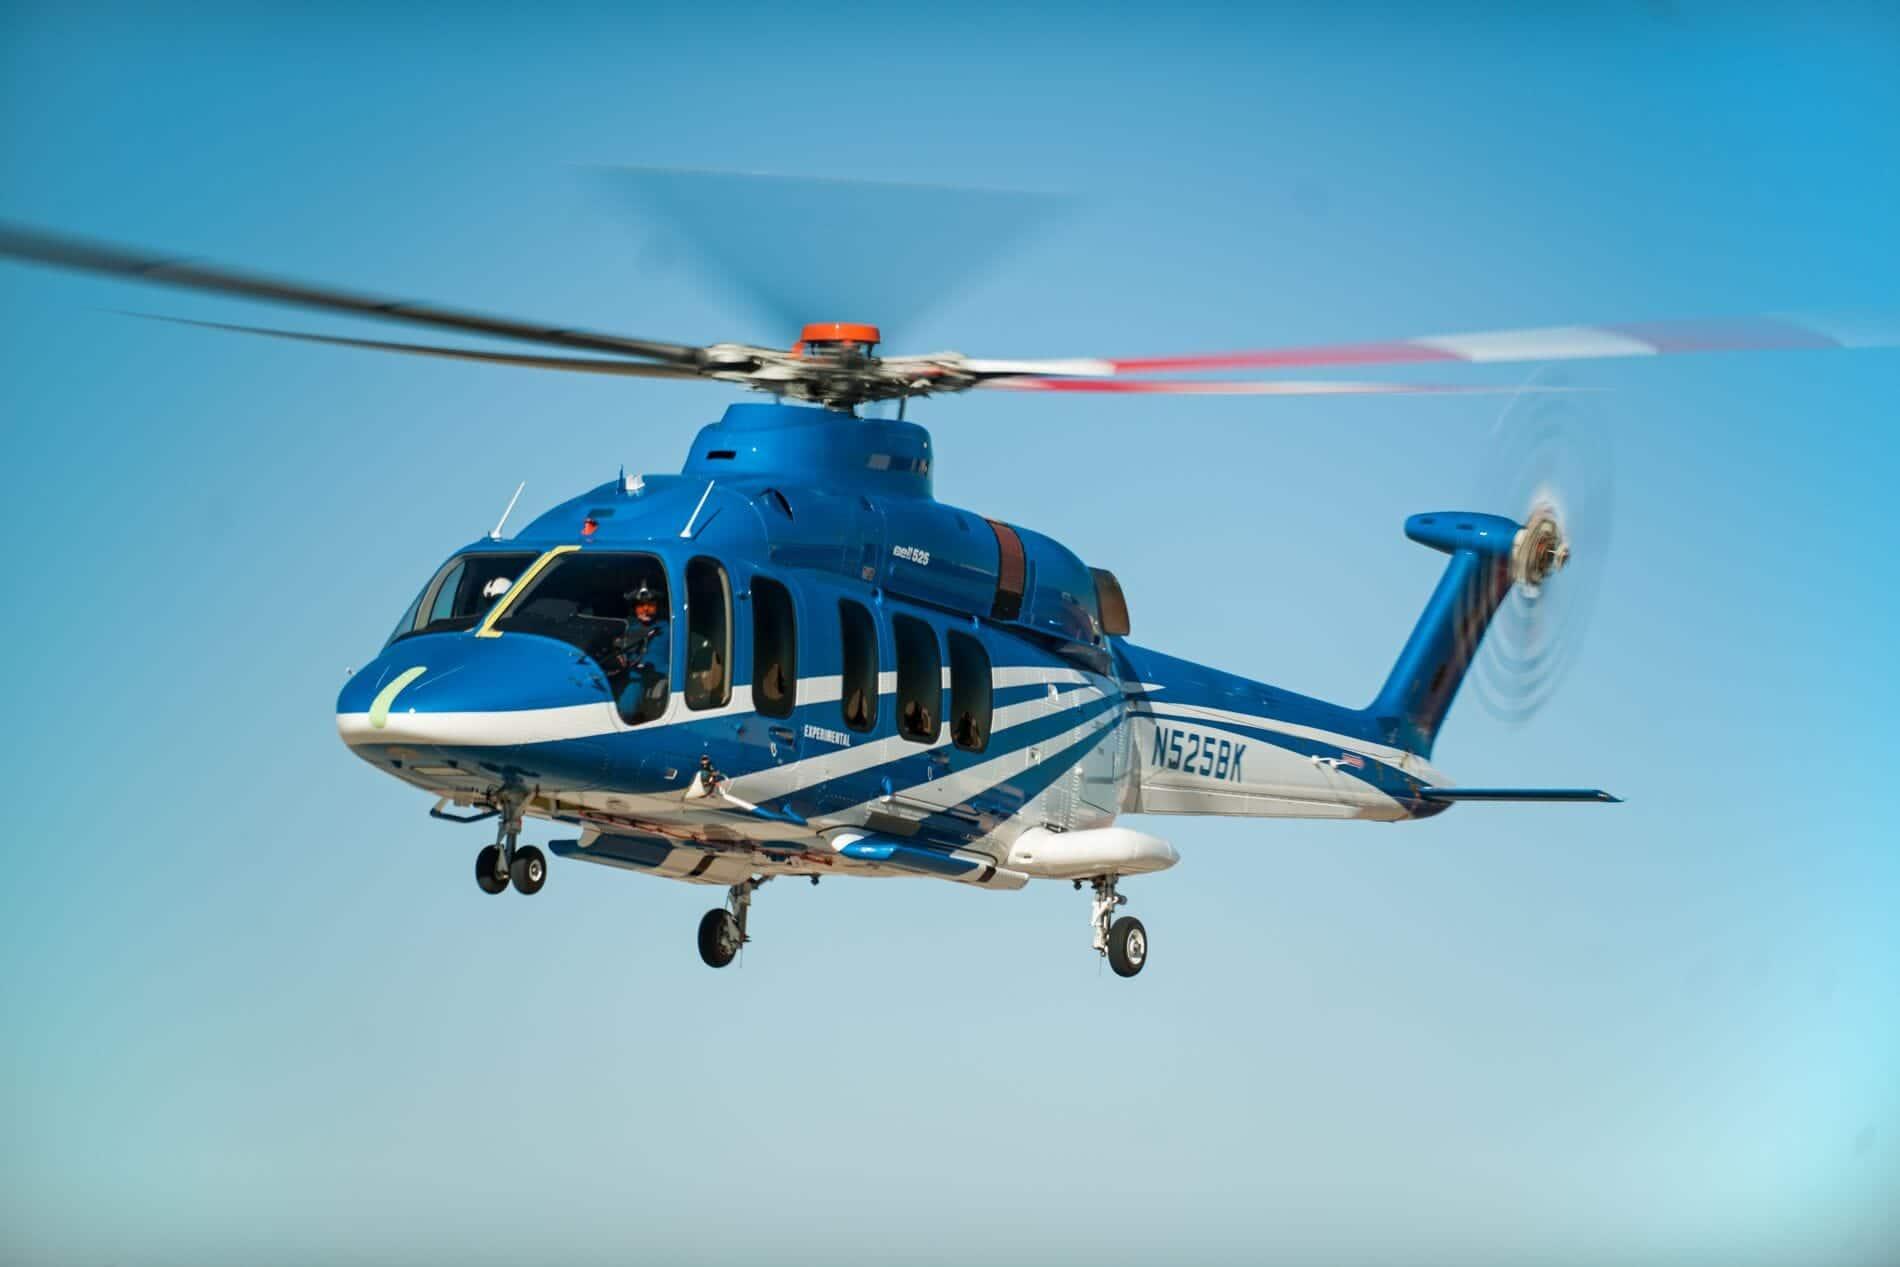 Bell 525 en vuelo frente a un cielo azul